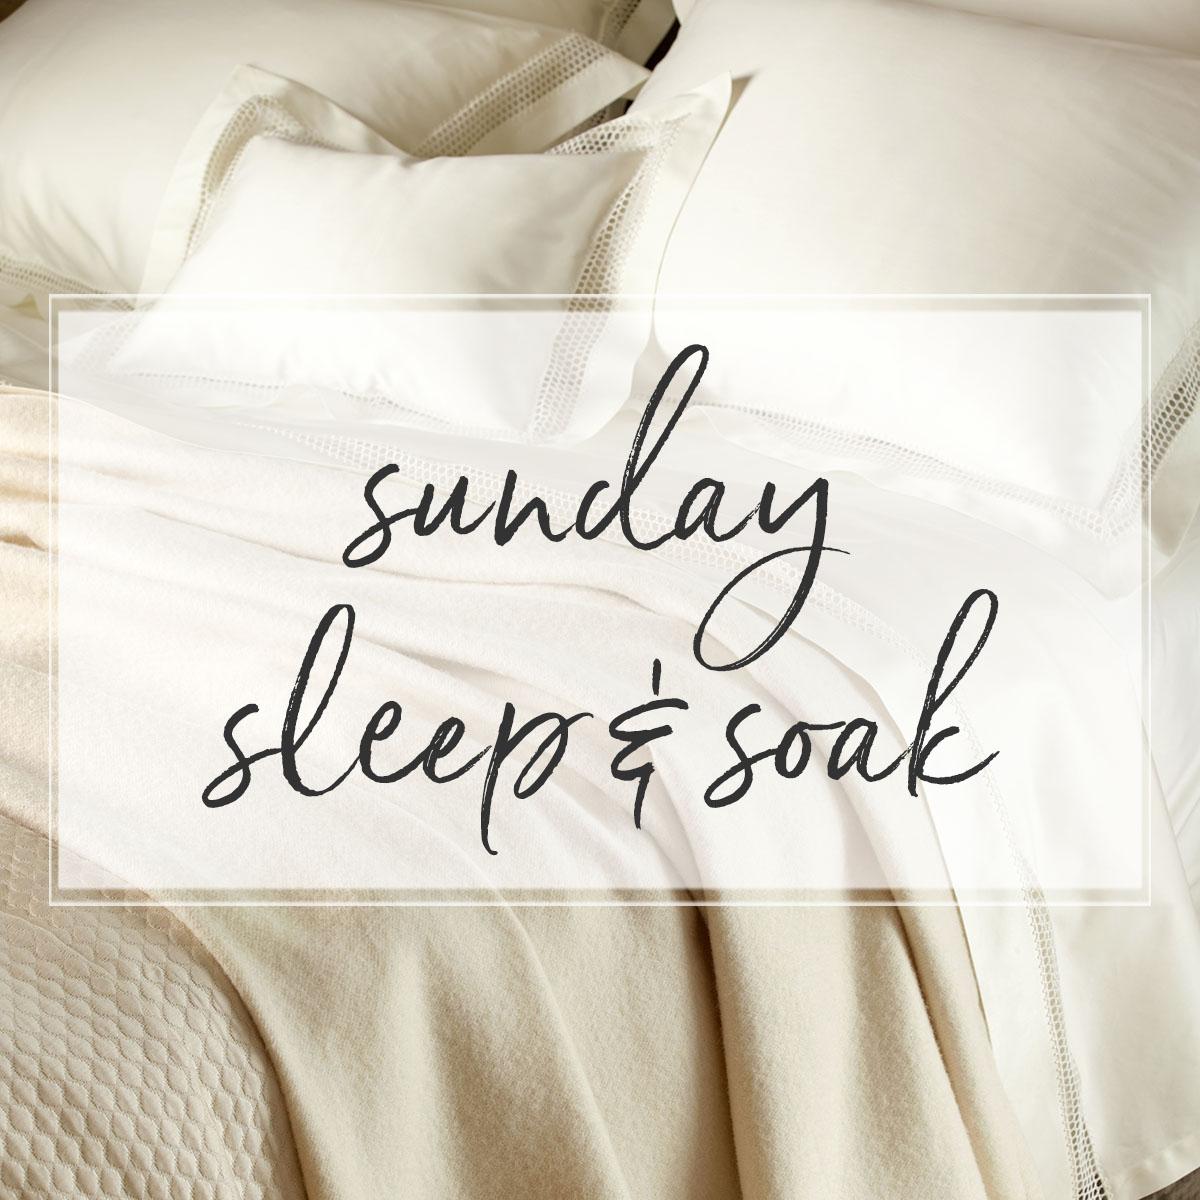 sunday-sleep-and-soak-social.jpg